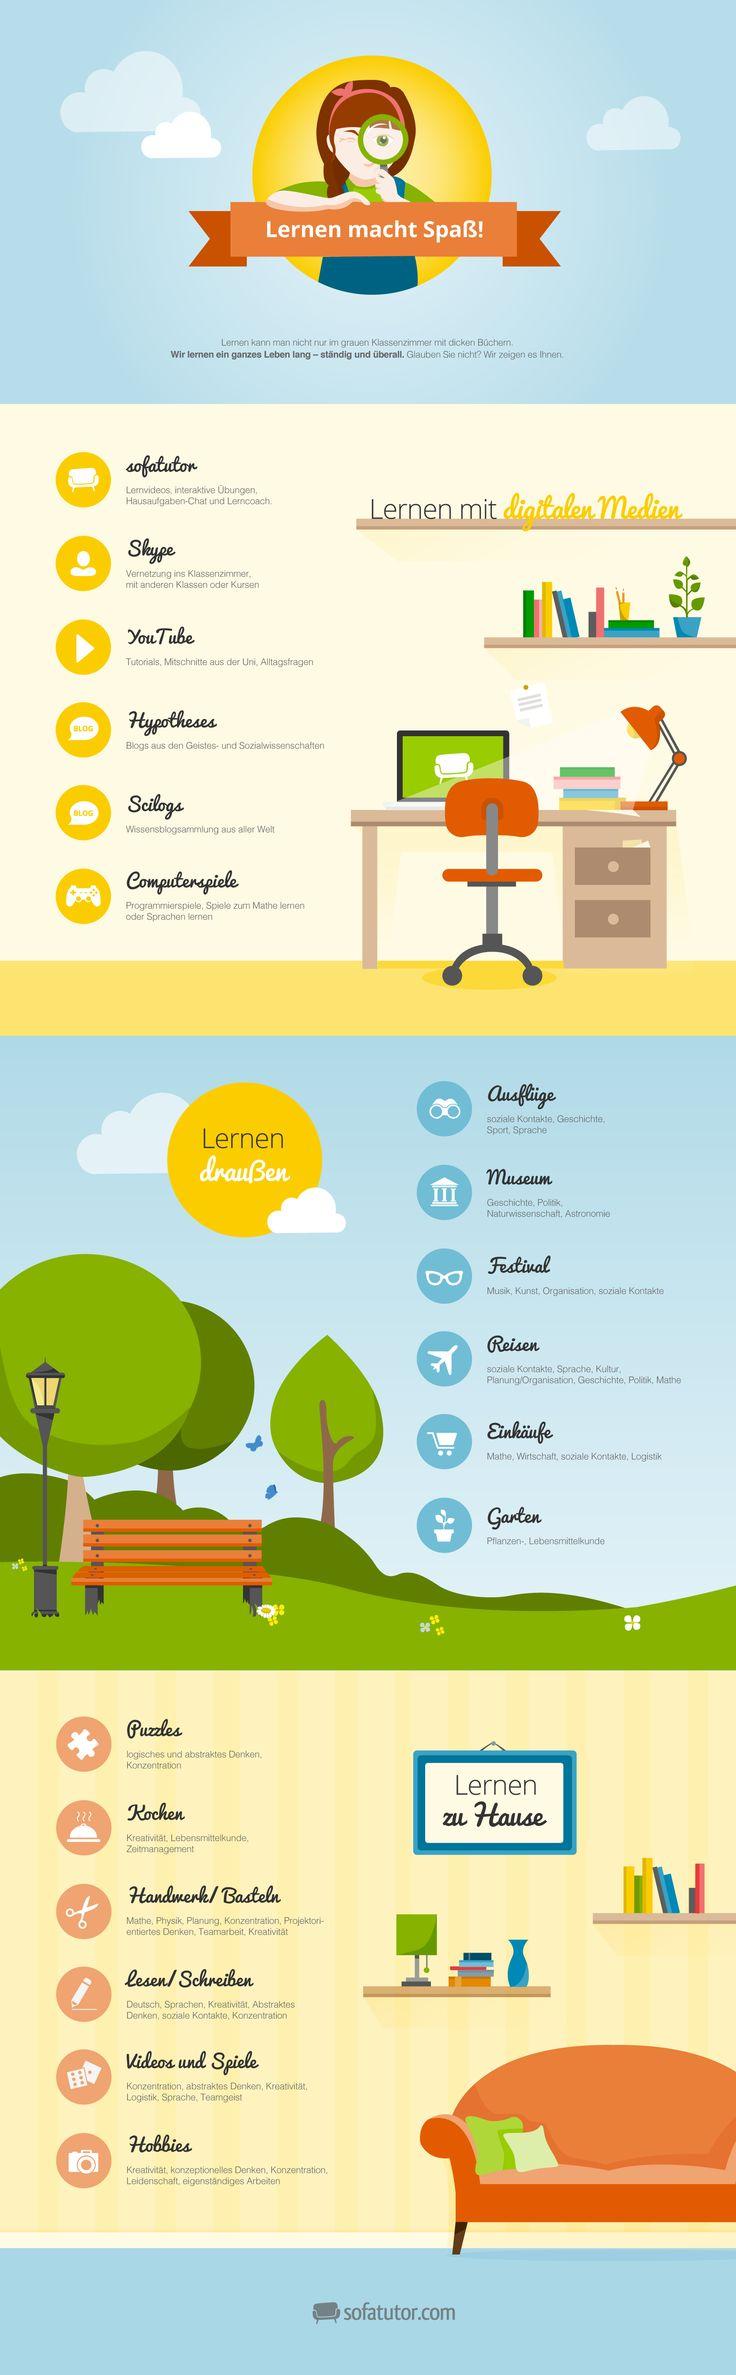 Infografik: Lernen macht Spaß! Wie und wo können wir Neues lernen.